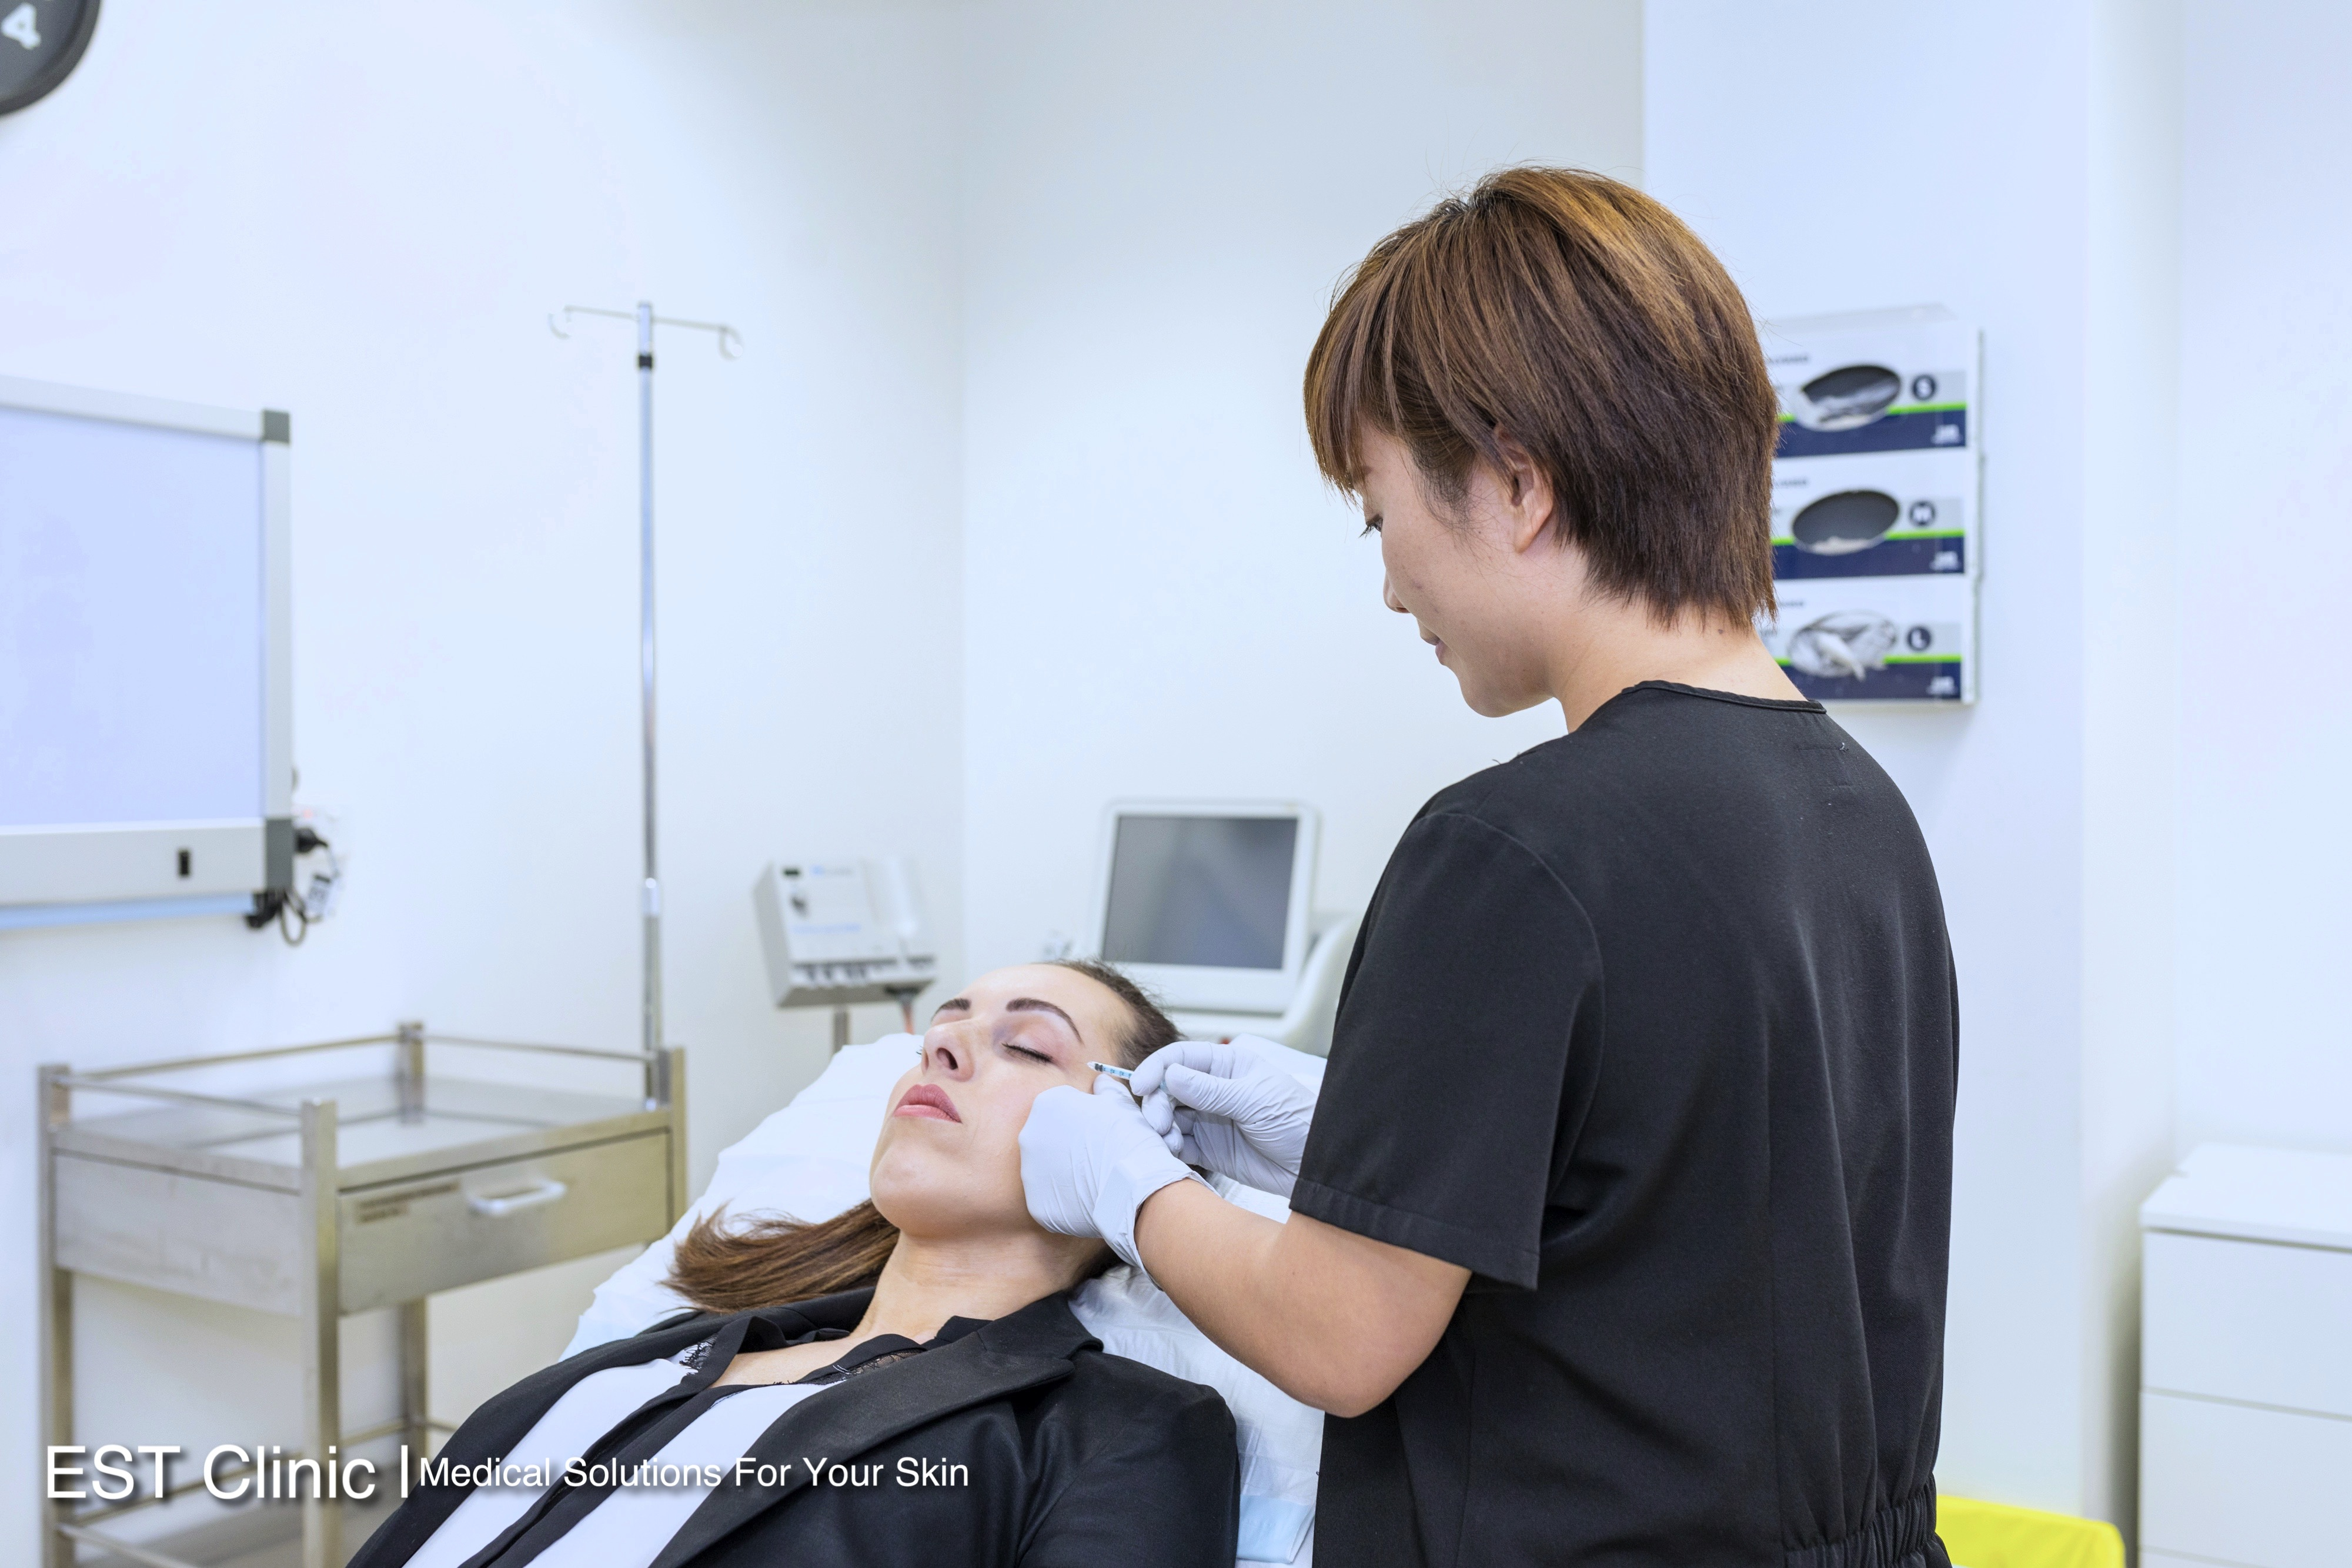 est clinic nurse